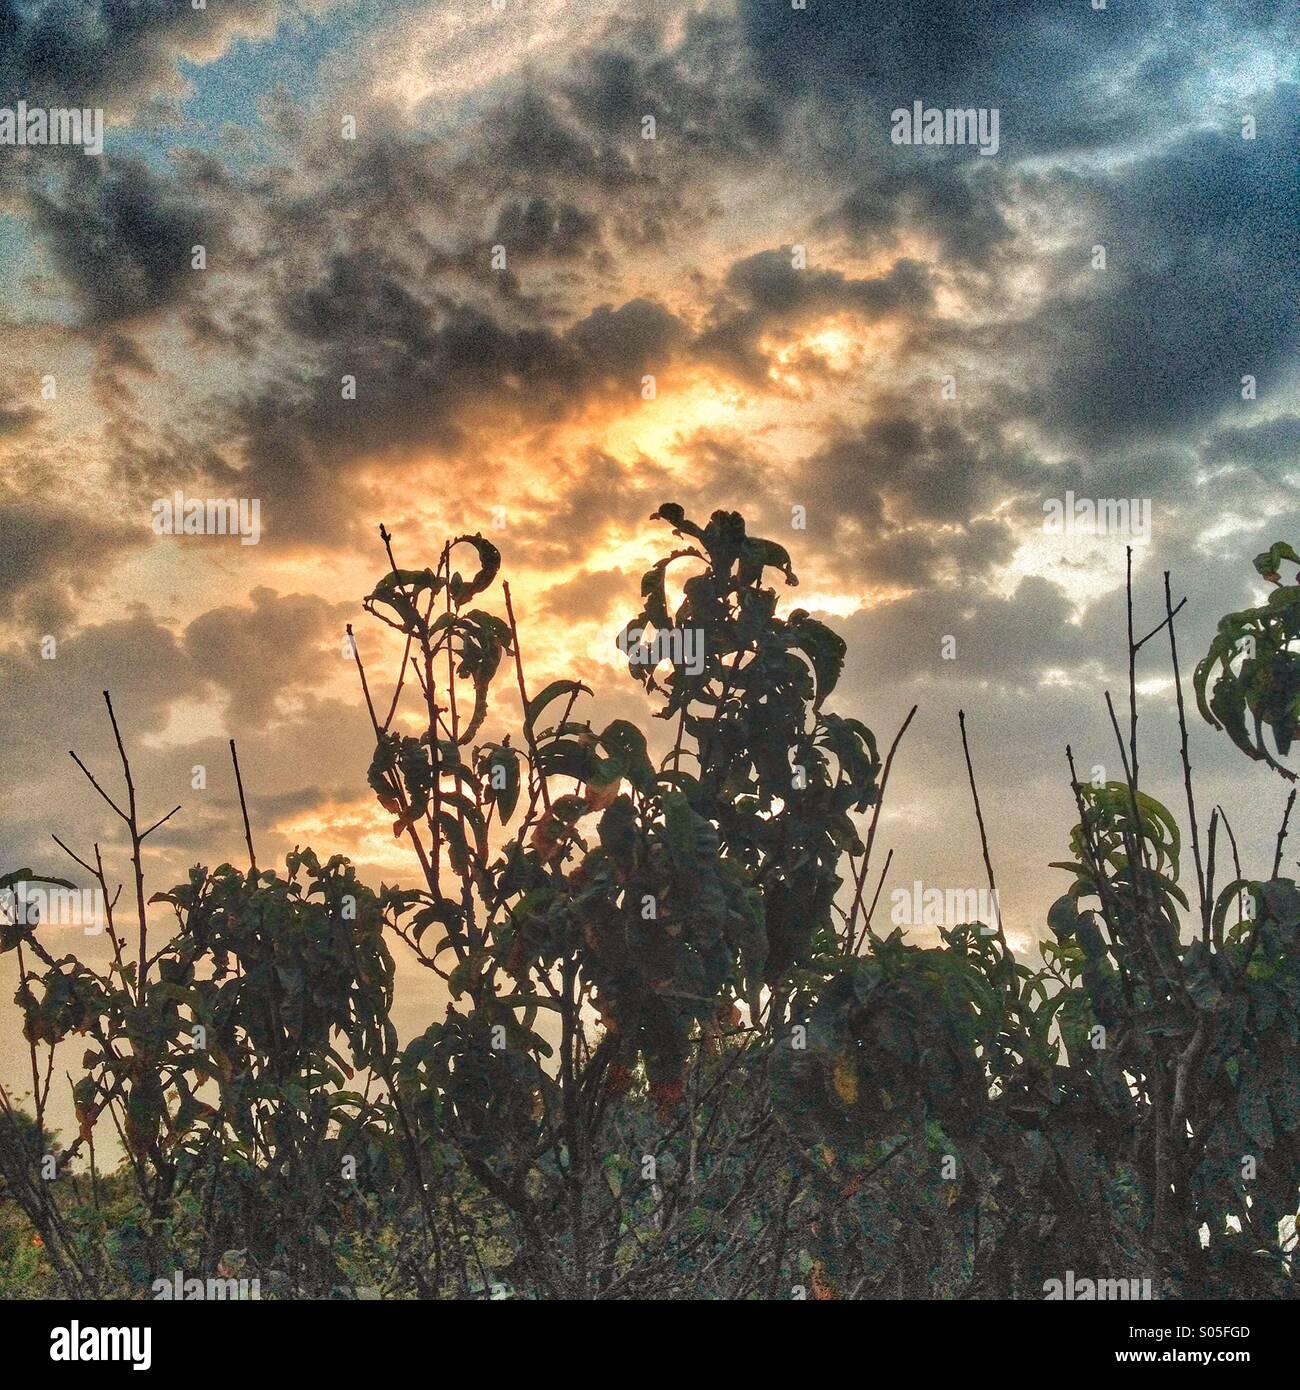 Las malezas altas contra un cielo nublado amanecer Imagen De Stock